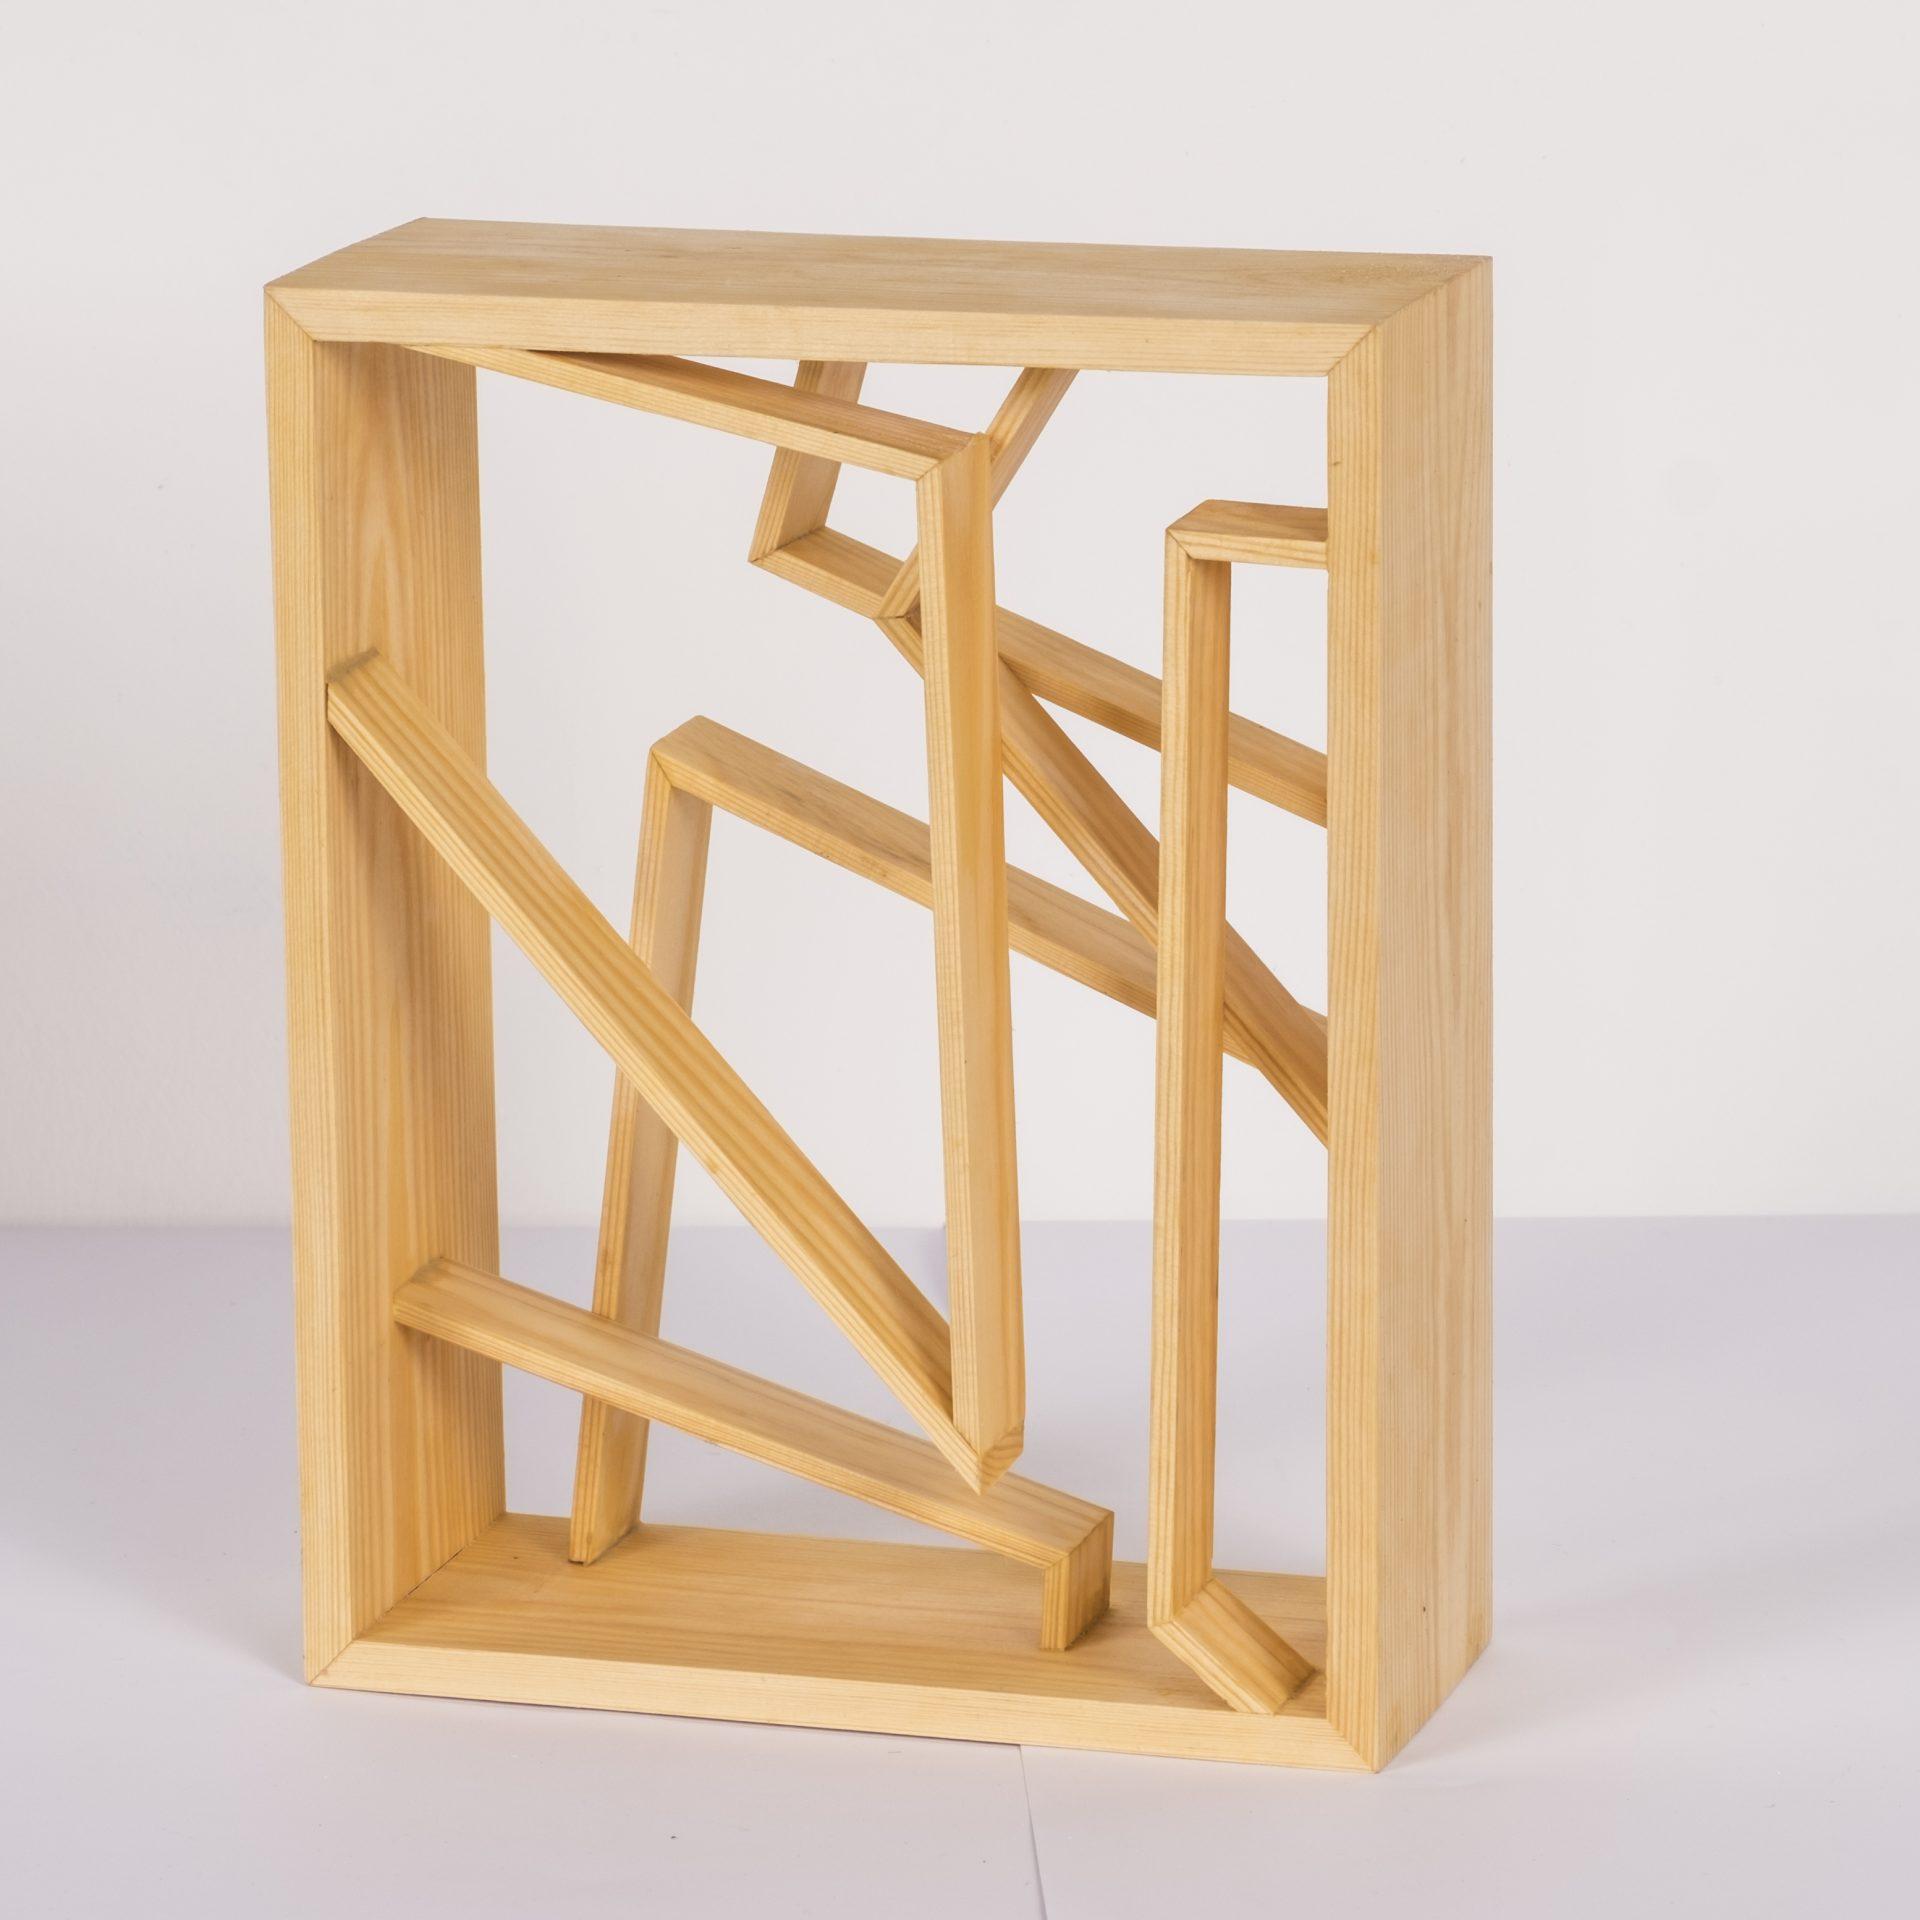 Unlimited in Dynamo<br>RMR34<br>misure: circa 28 x 22 cm<br>tecnica: legno pino <br>anno: 2018<br>